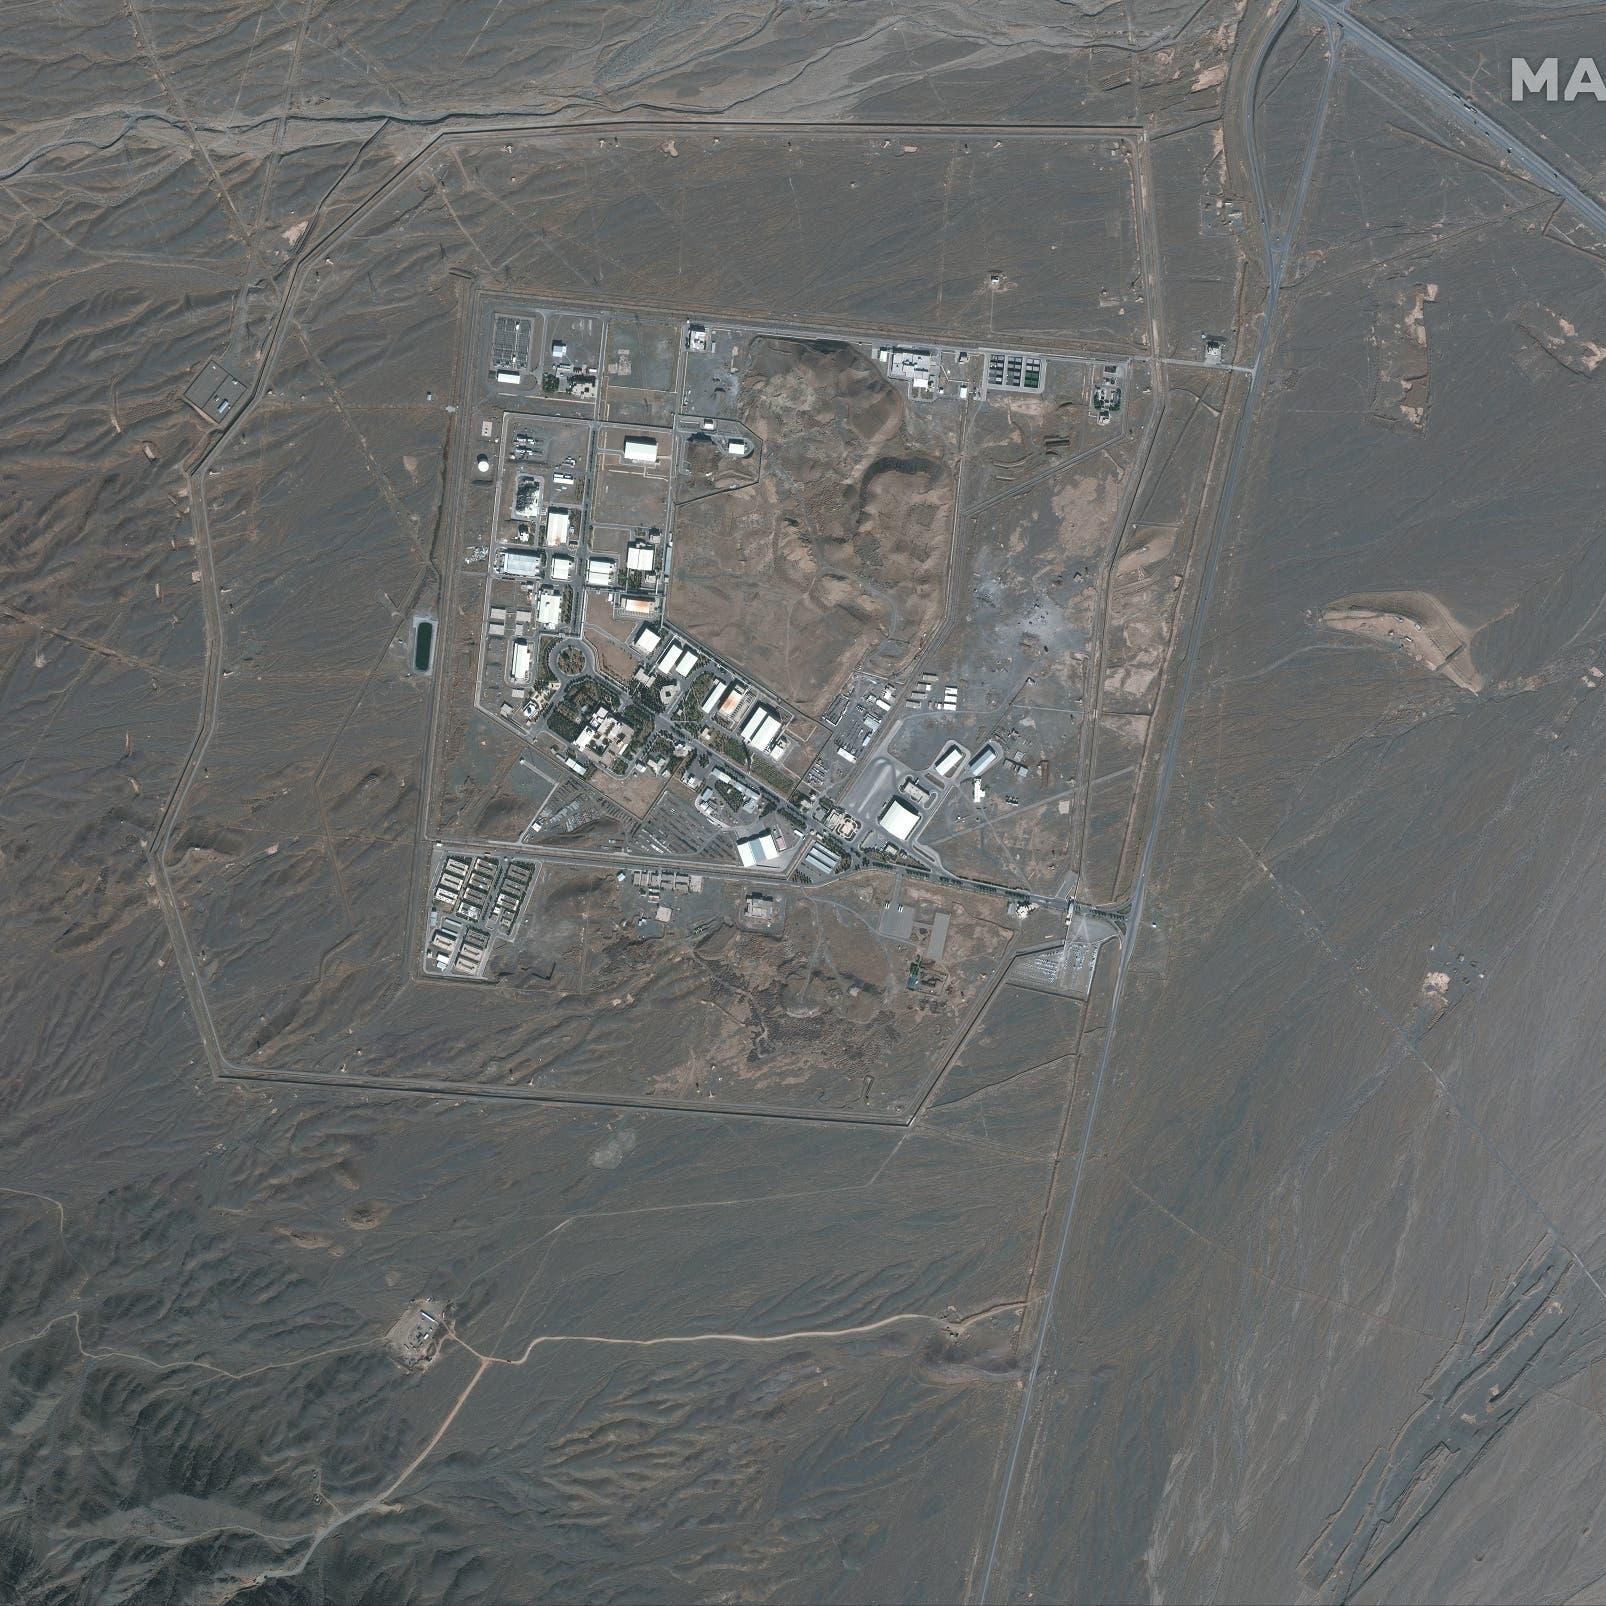 بالصور وبالذكاء الصناعي هكذا يتم تعقب برنامج إيران النووي